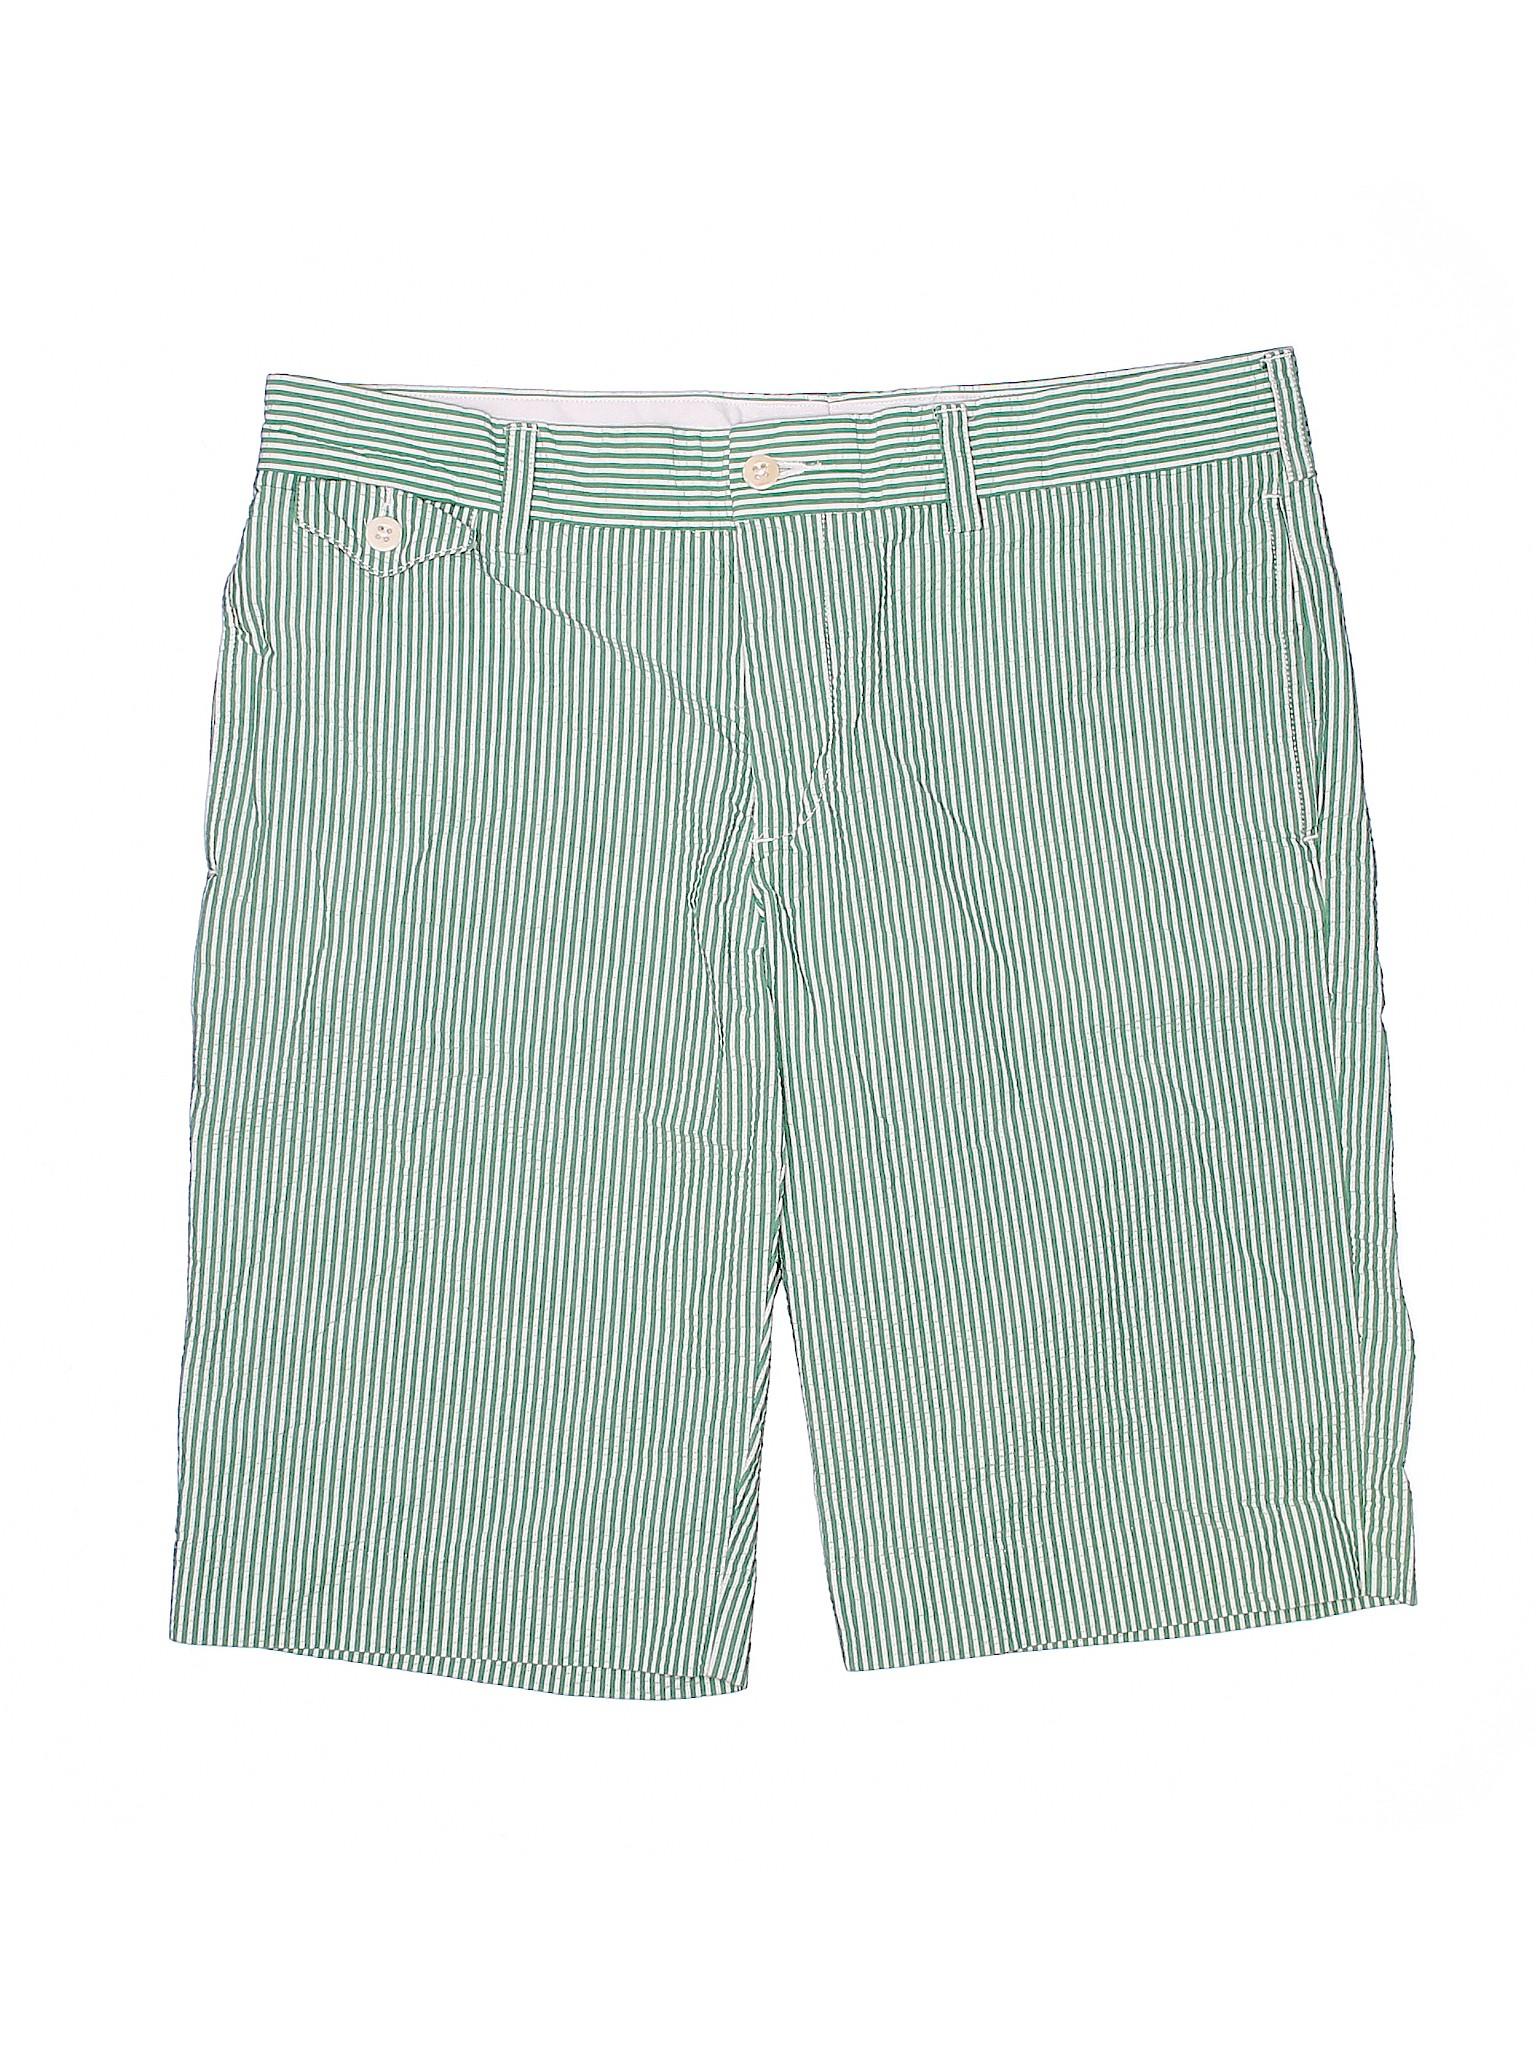 Khaki Sport Lauren Ralph Boutique Shorts q08S0P